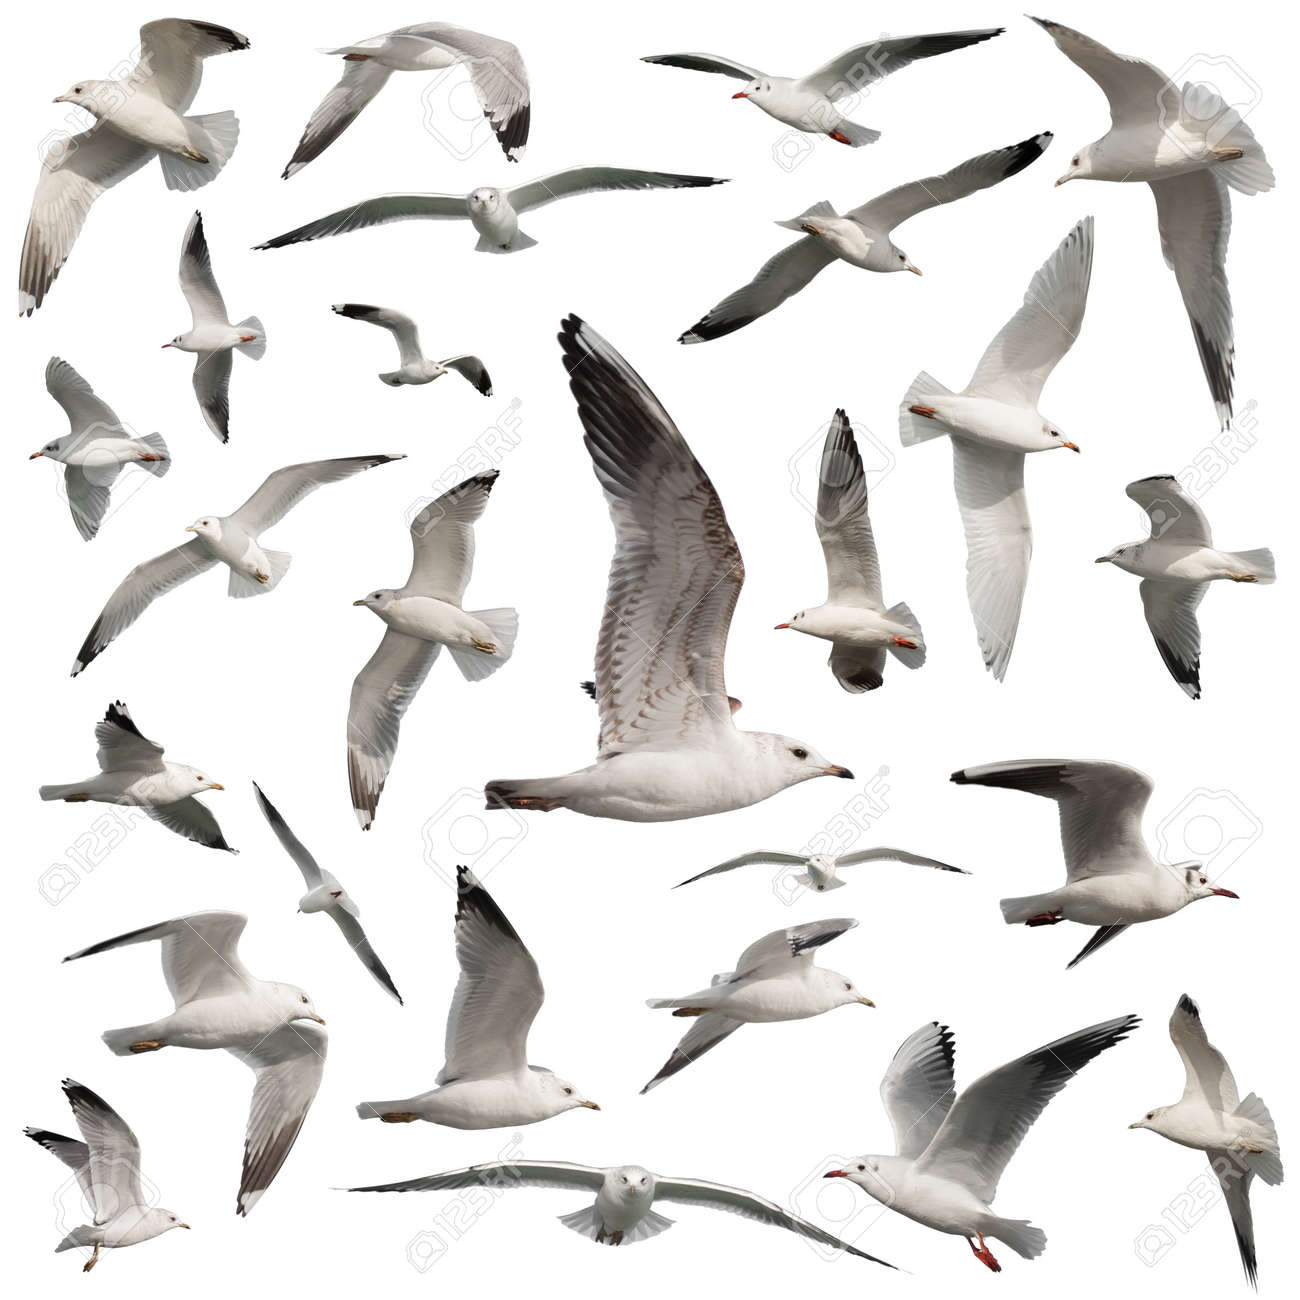 birds set isolated on white - 18627315